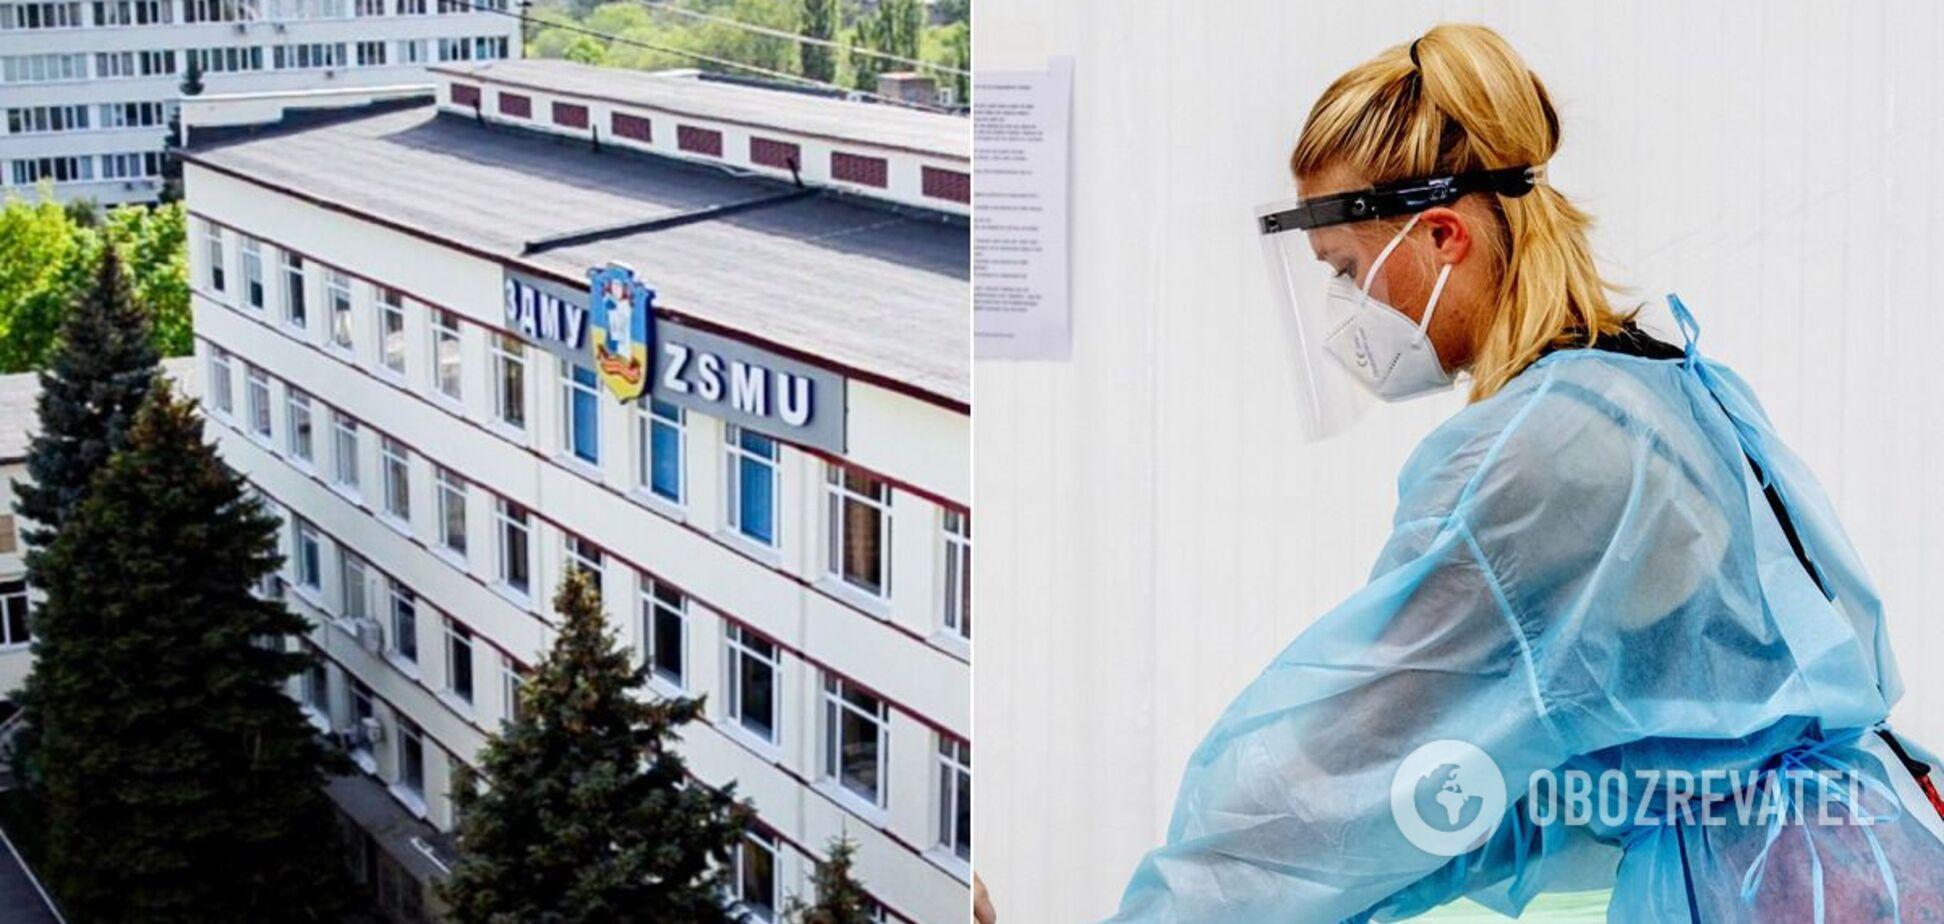 В общежитии Запорожского медуниверситета выявили вспышку COVID-19. Источник: Коллаж